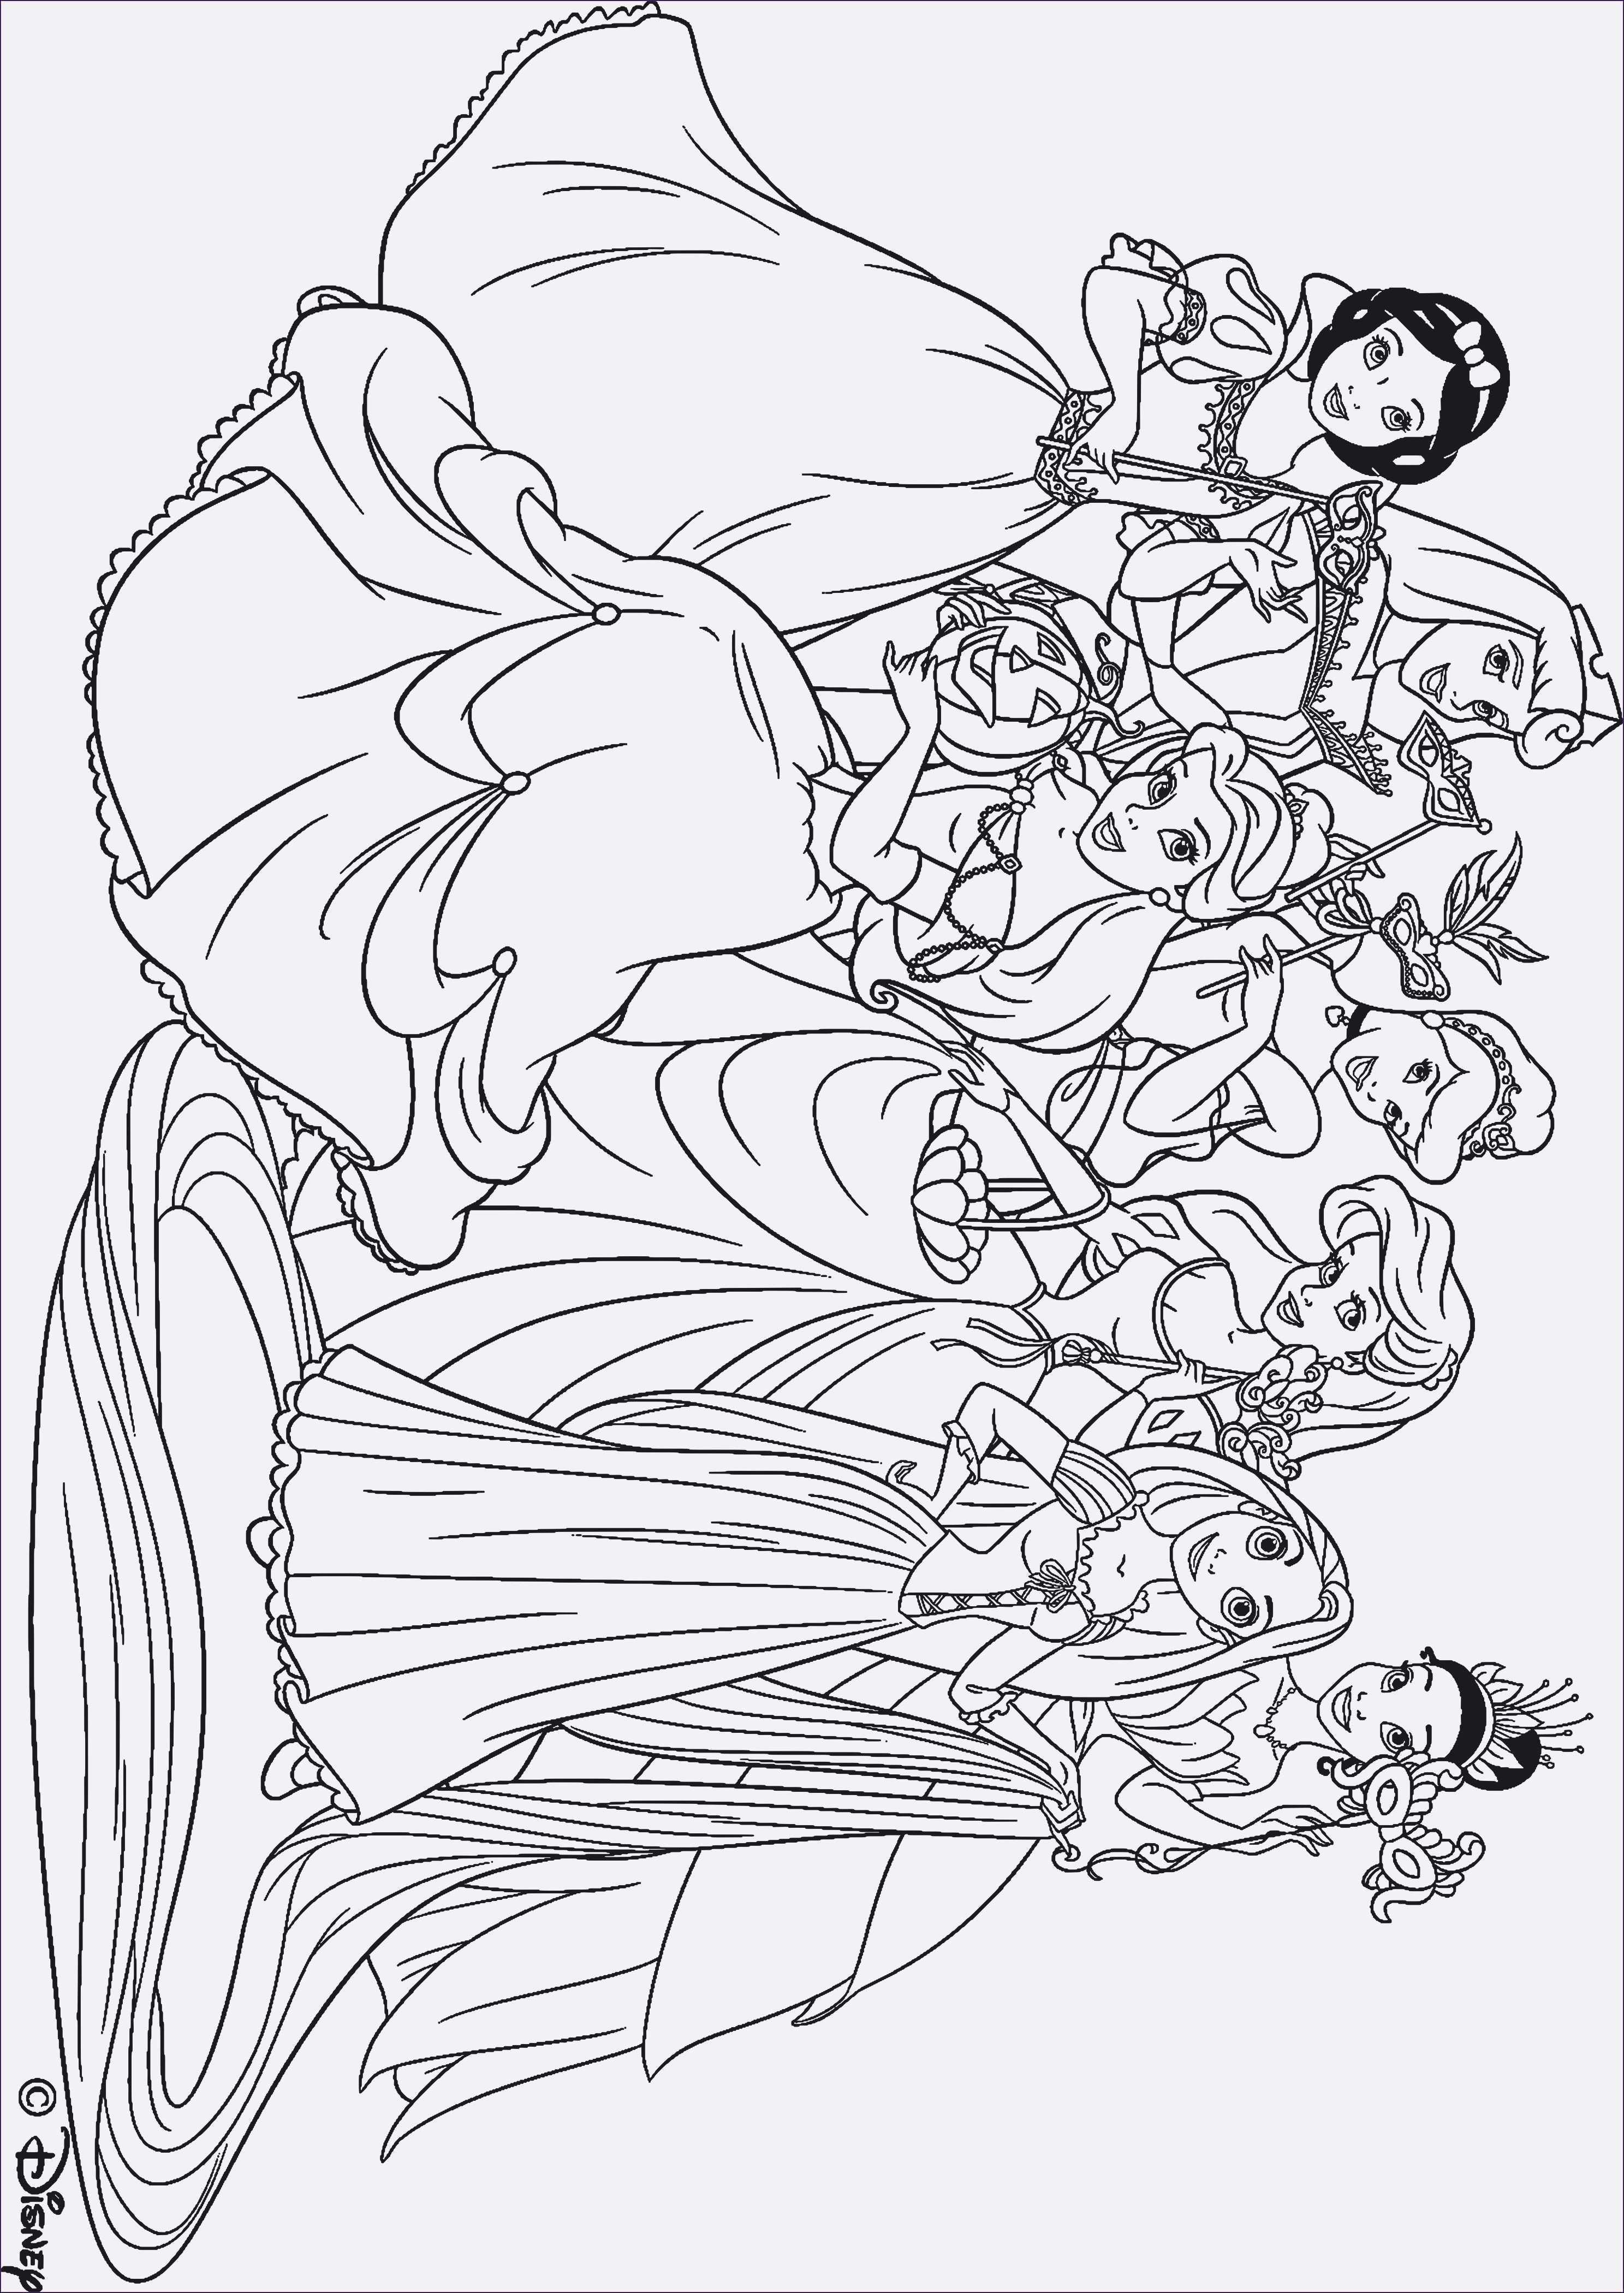 Anspruchsvolle Mandalas Zum Ausdrucken Neu Einhorn Mandalas Zum Ausdrucken Foto Ausmalbilder Mandala Erwachsene Sammlung